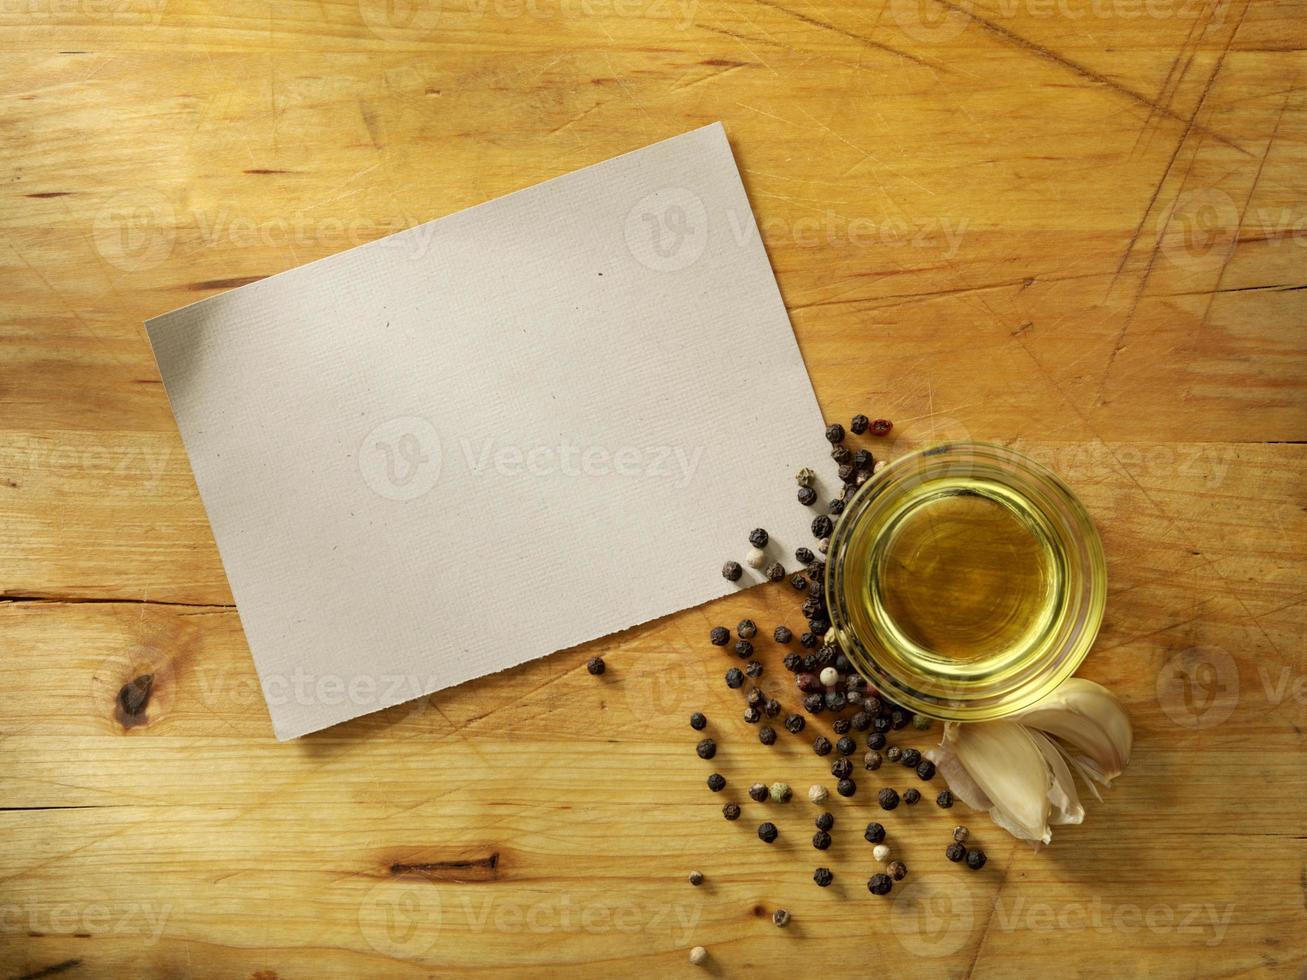 carte de recette à l'huile d'olive photo